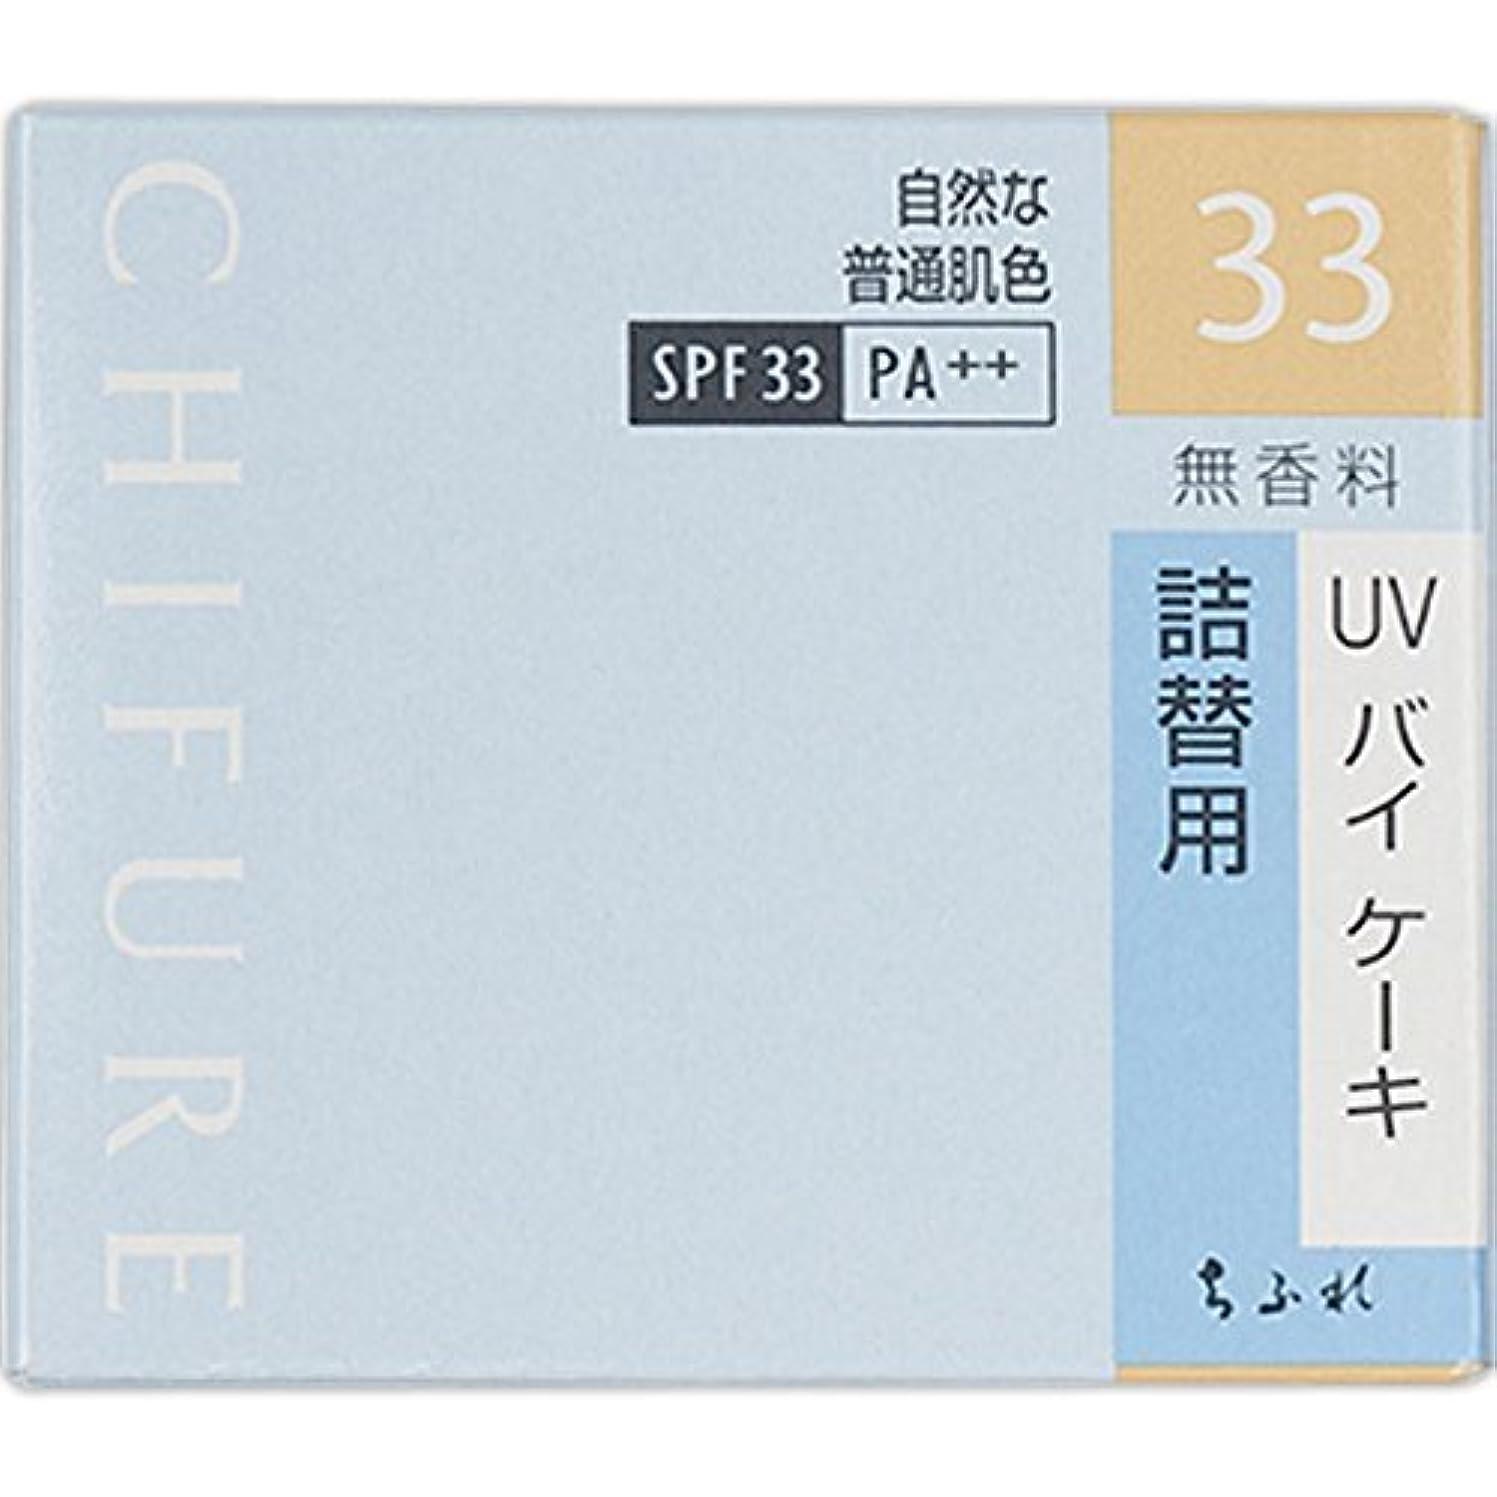 未使用取る使い込むちふれ化粧品 UV バイ ケーキ 詰替用 33 自然な普通肌色 14g